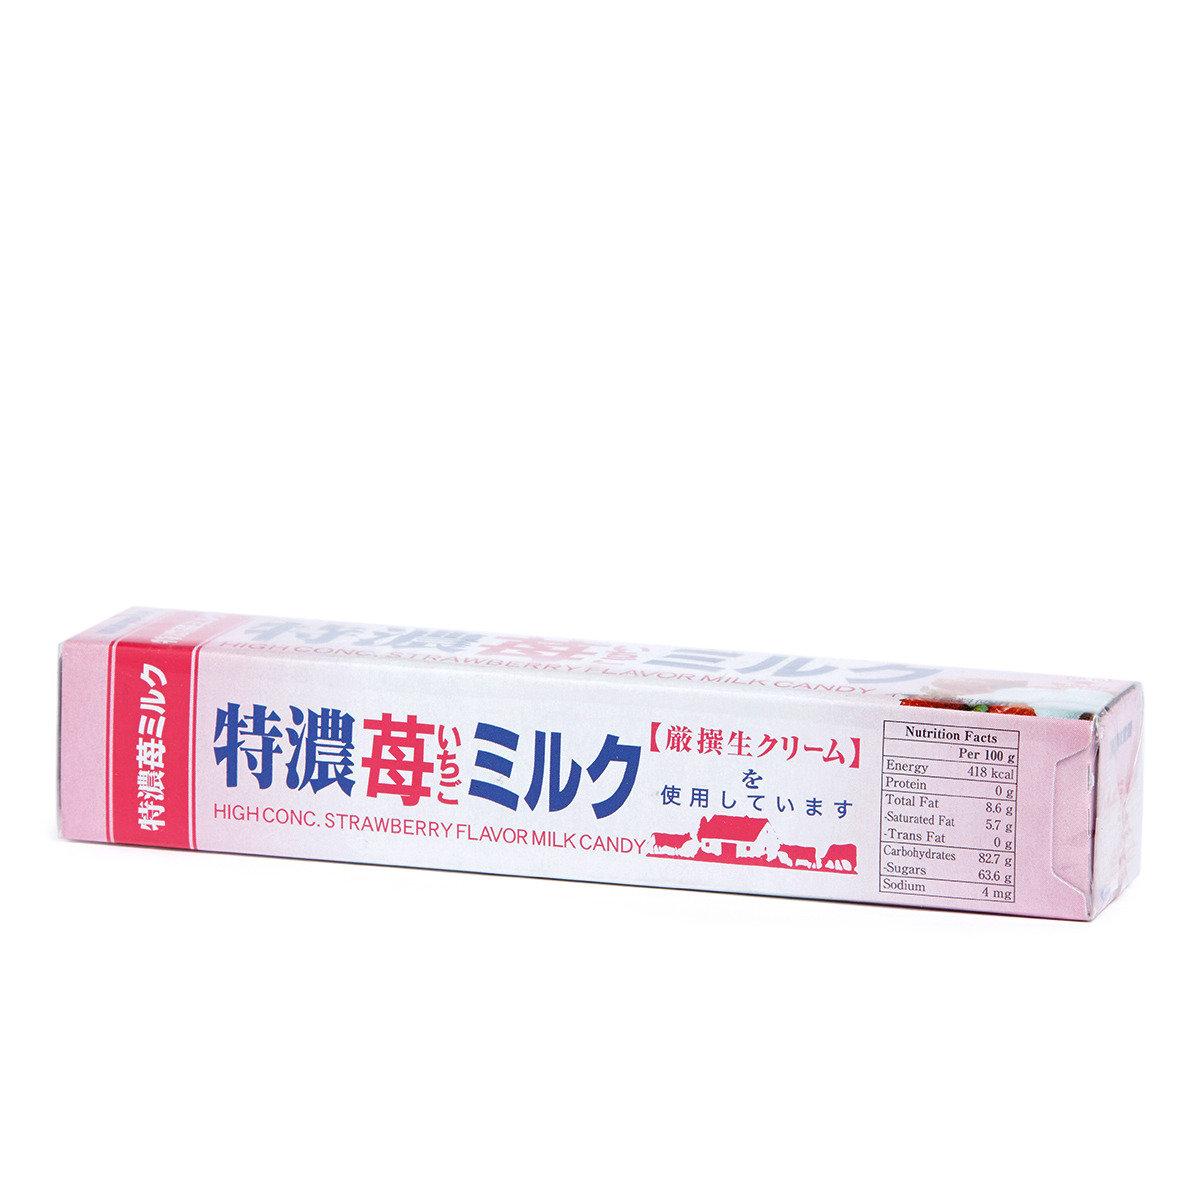 8.2特濃草莓牛奶糖 (支裝)